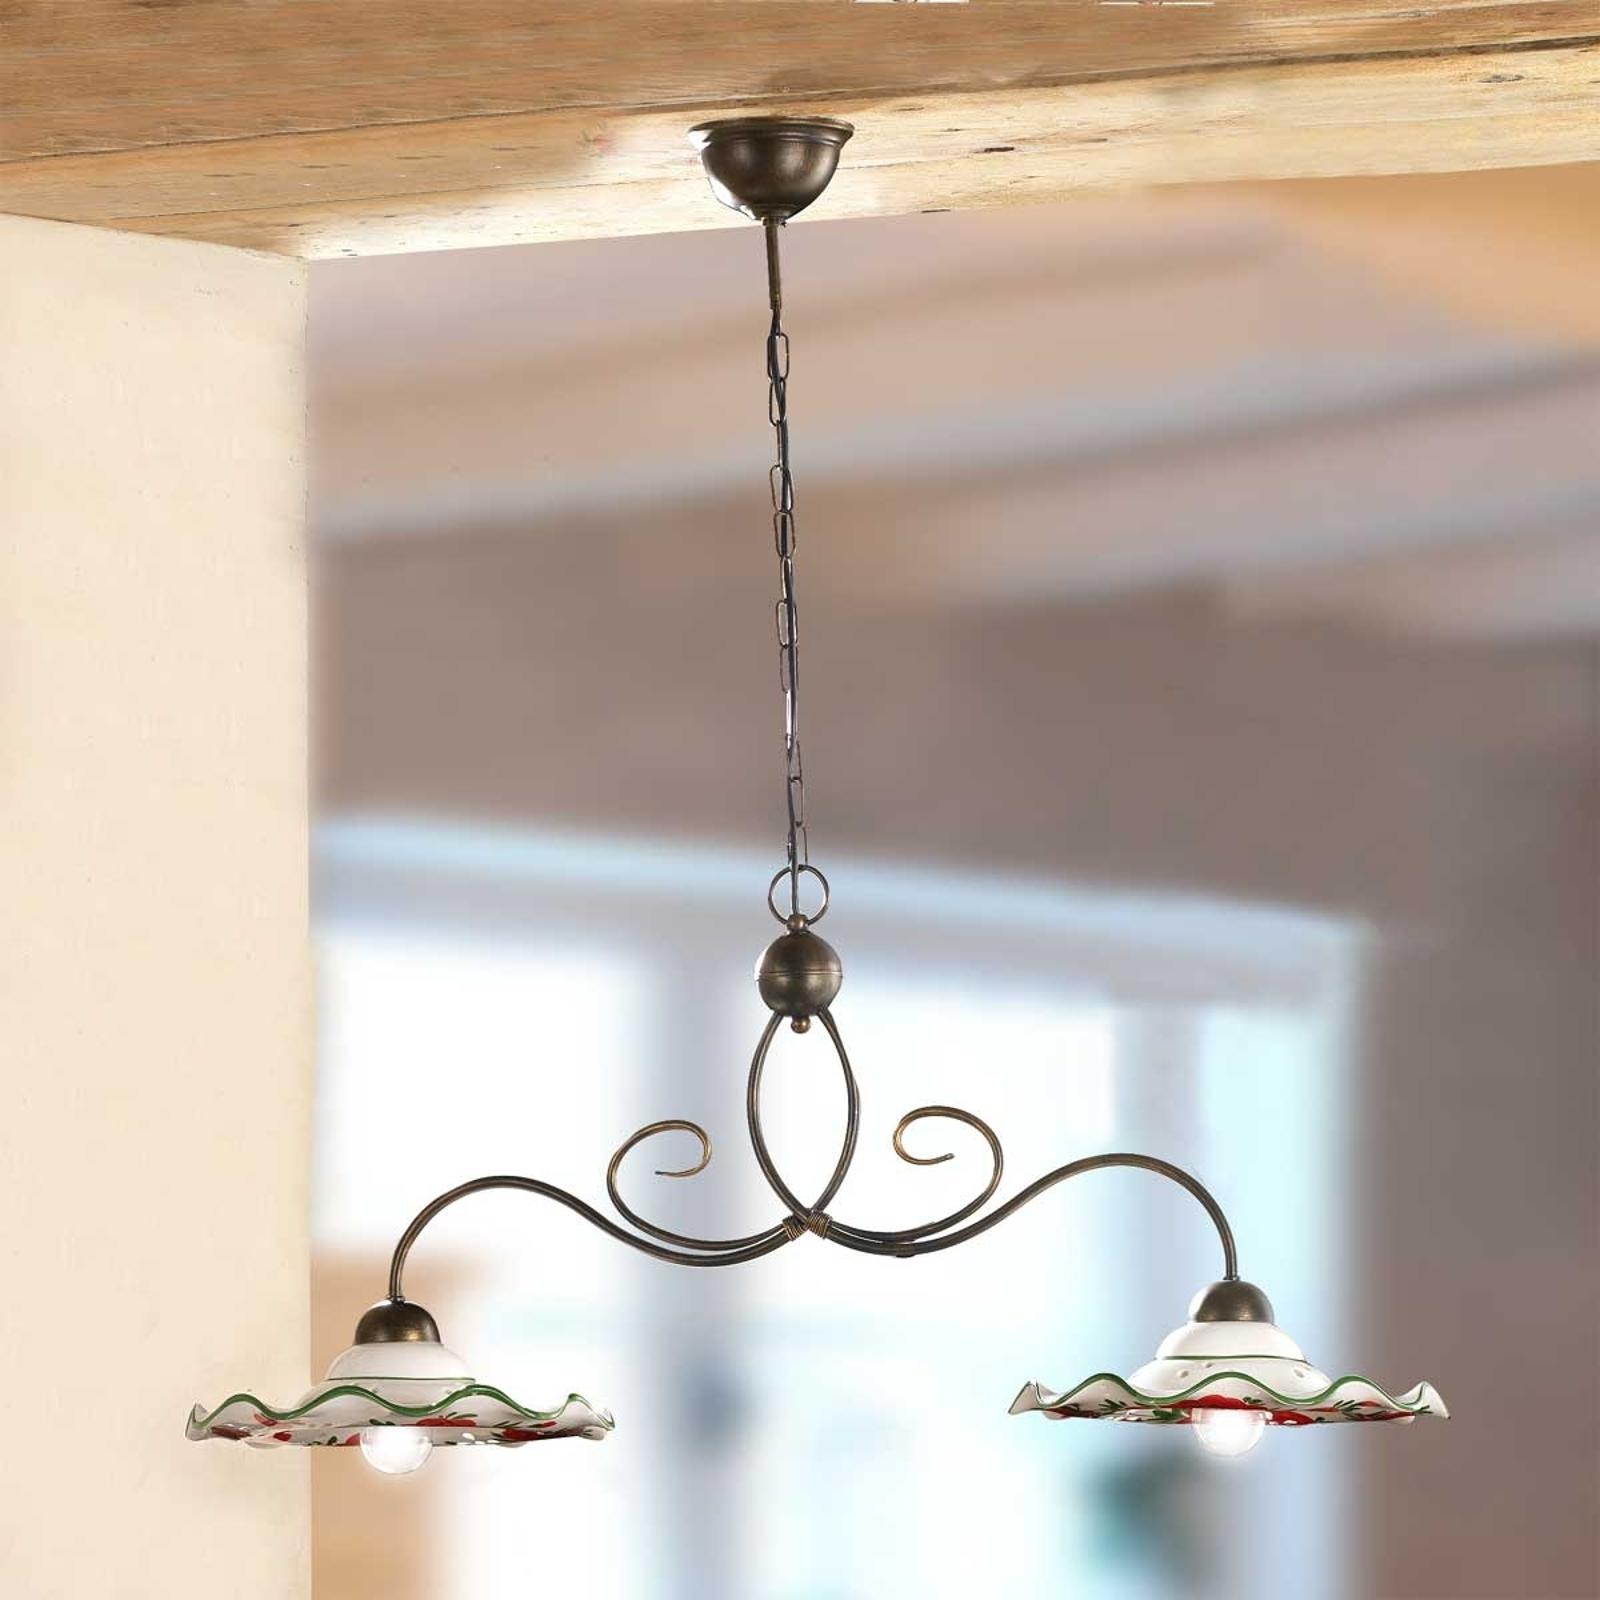 Hængelampe ROSOLACCI med keramikskærme